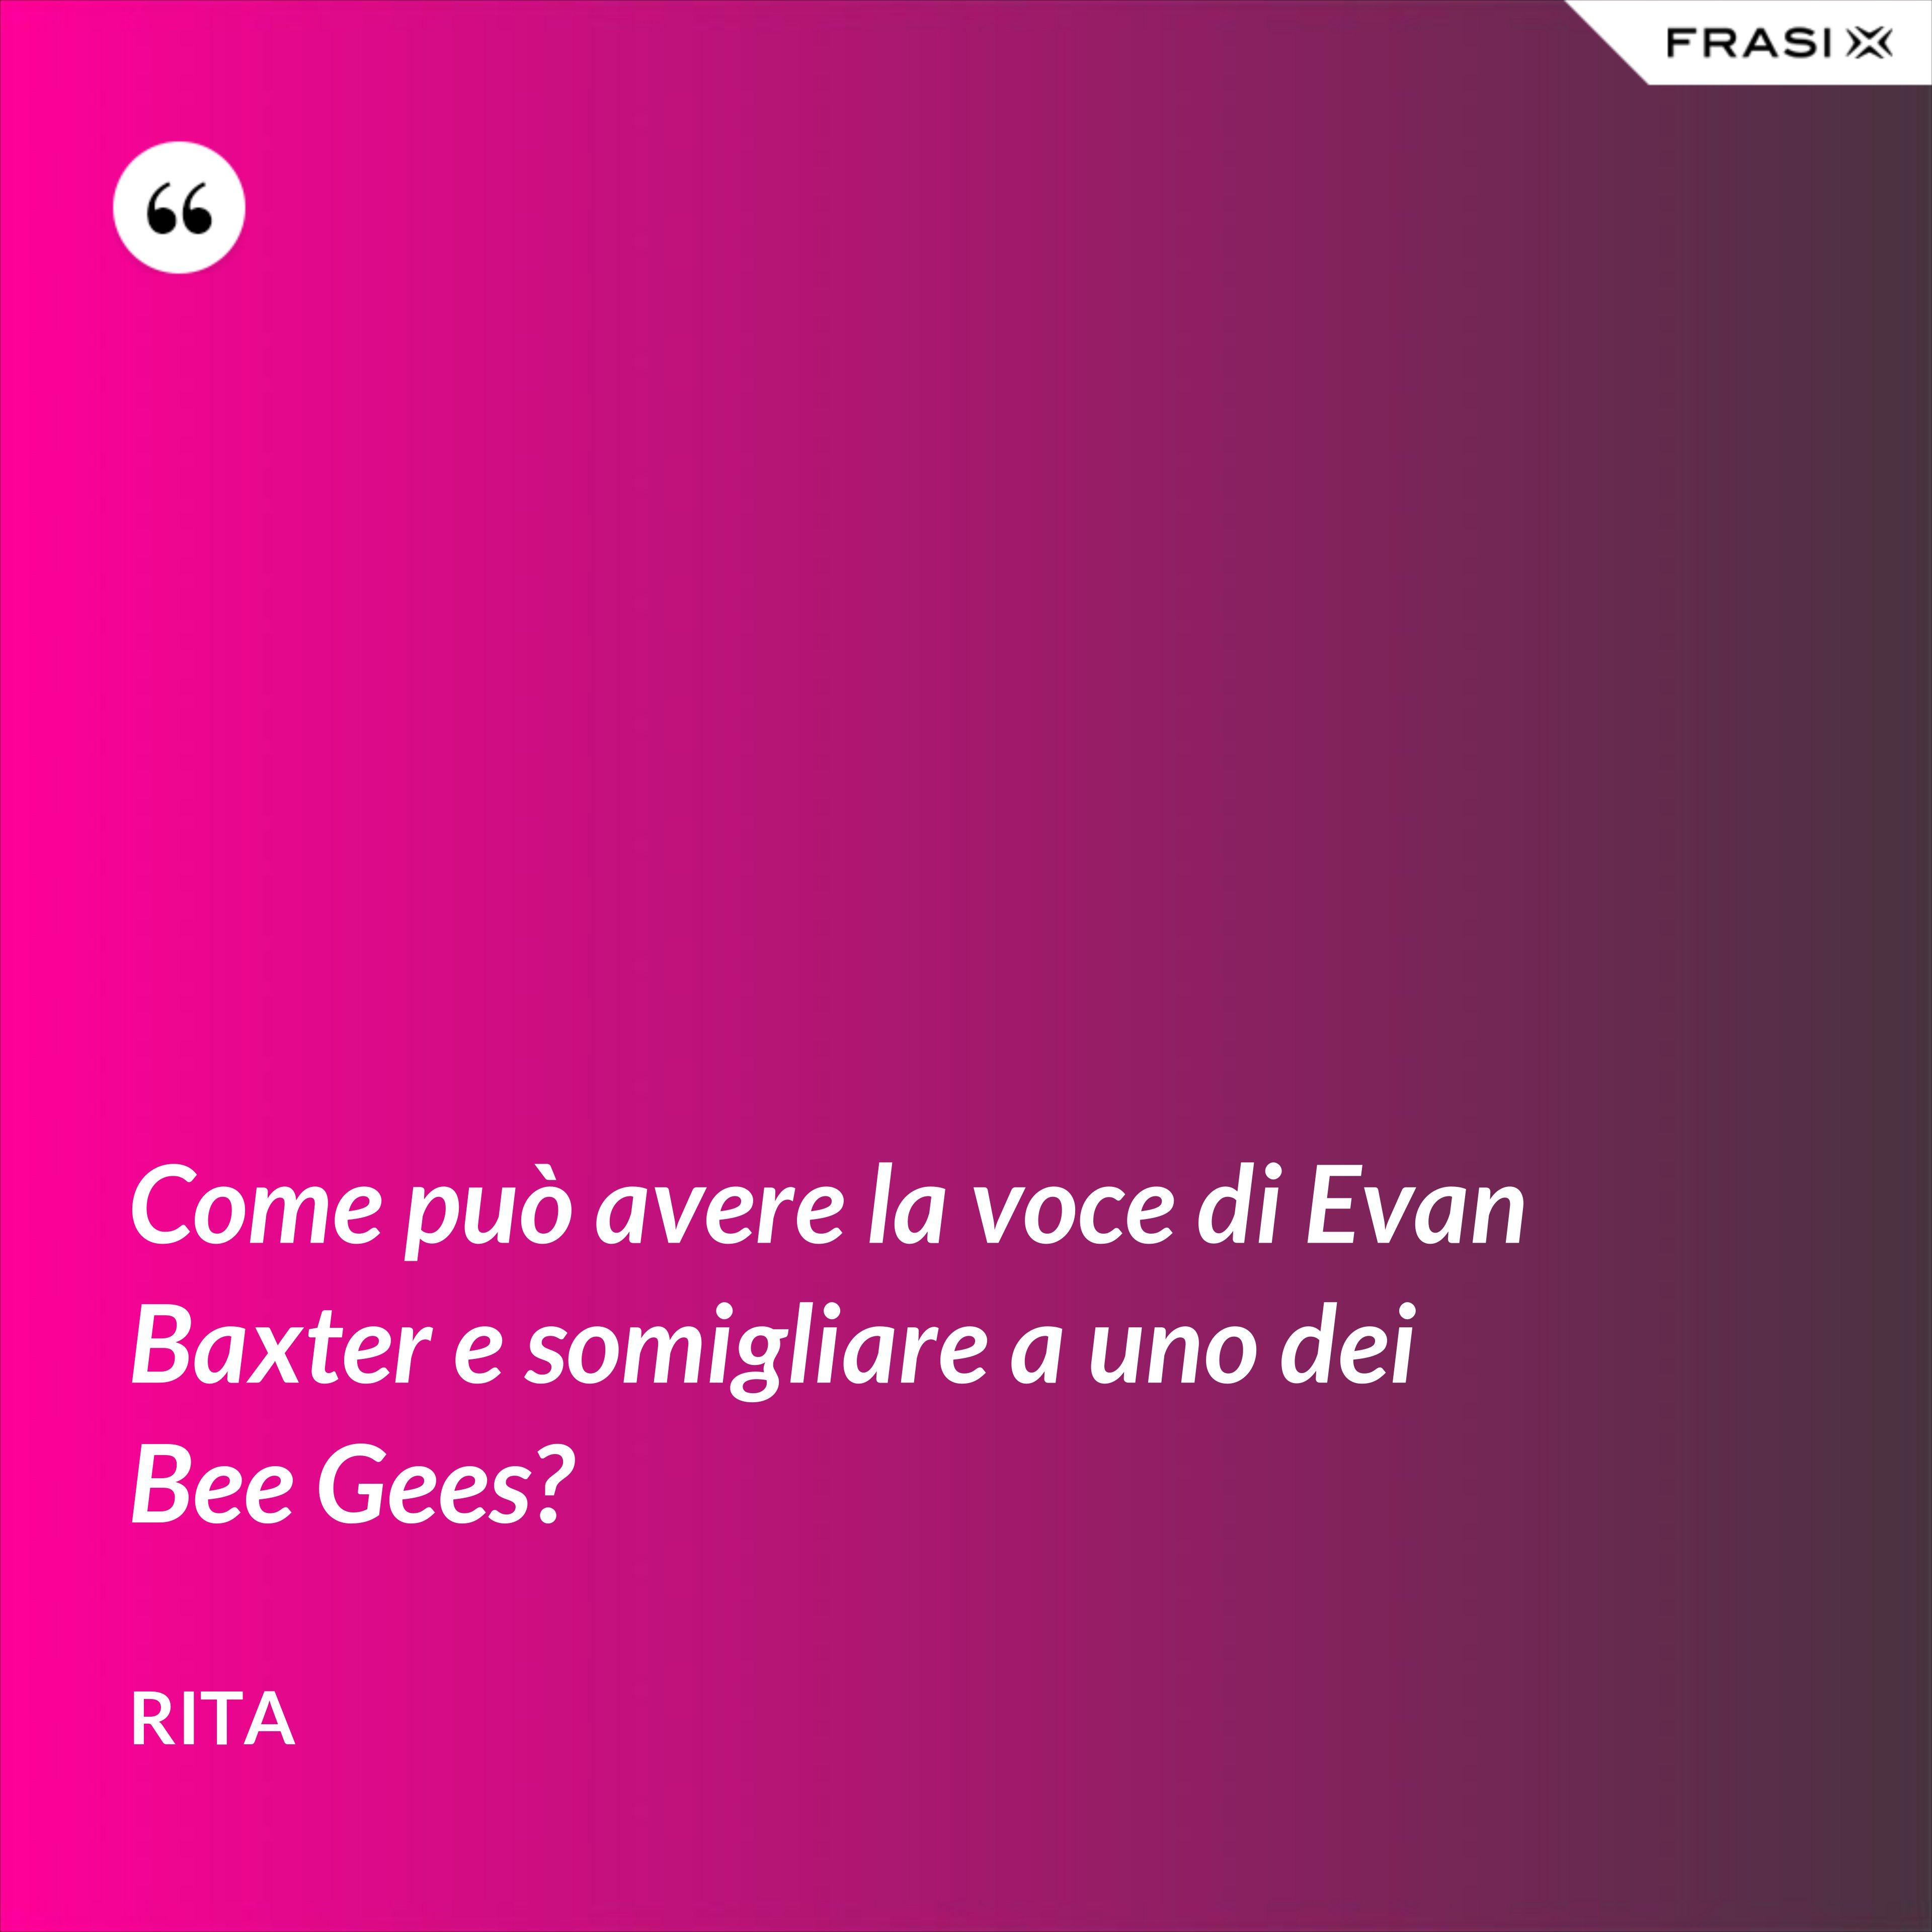 Come può avere la voce di Evan Baxter e somigliare a uno dei Bee Gees? - Rita